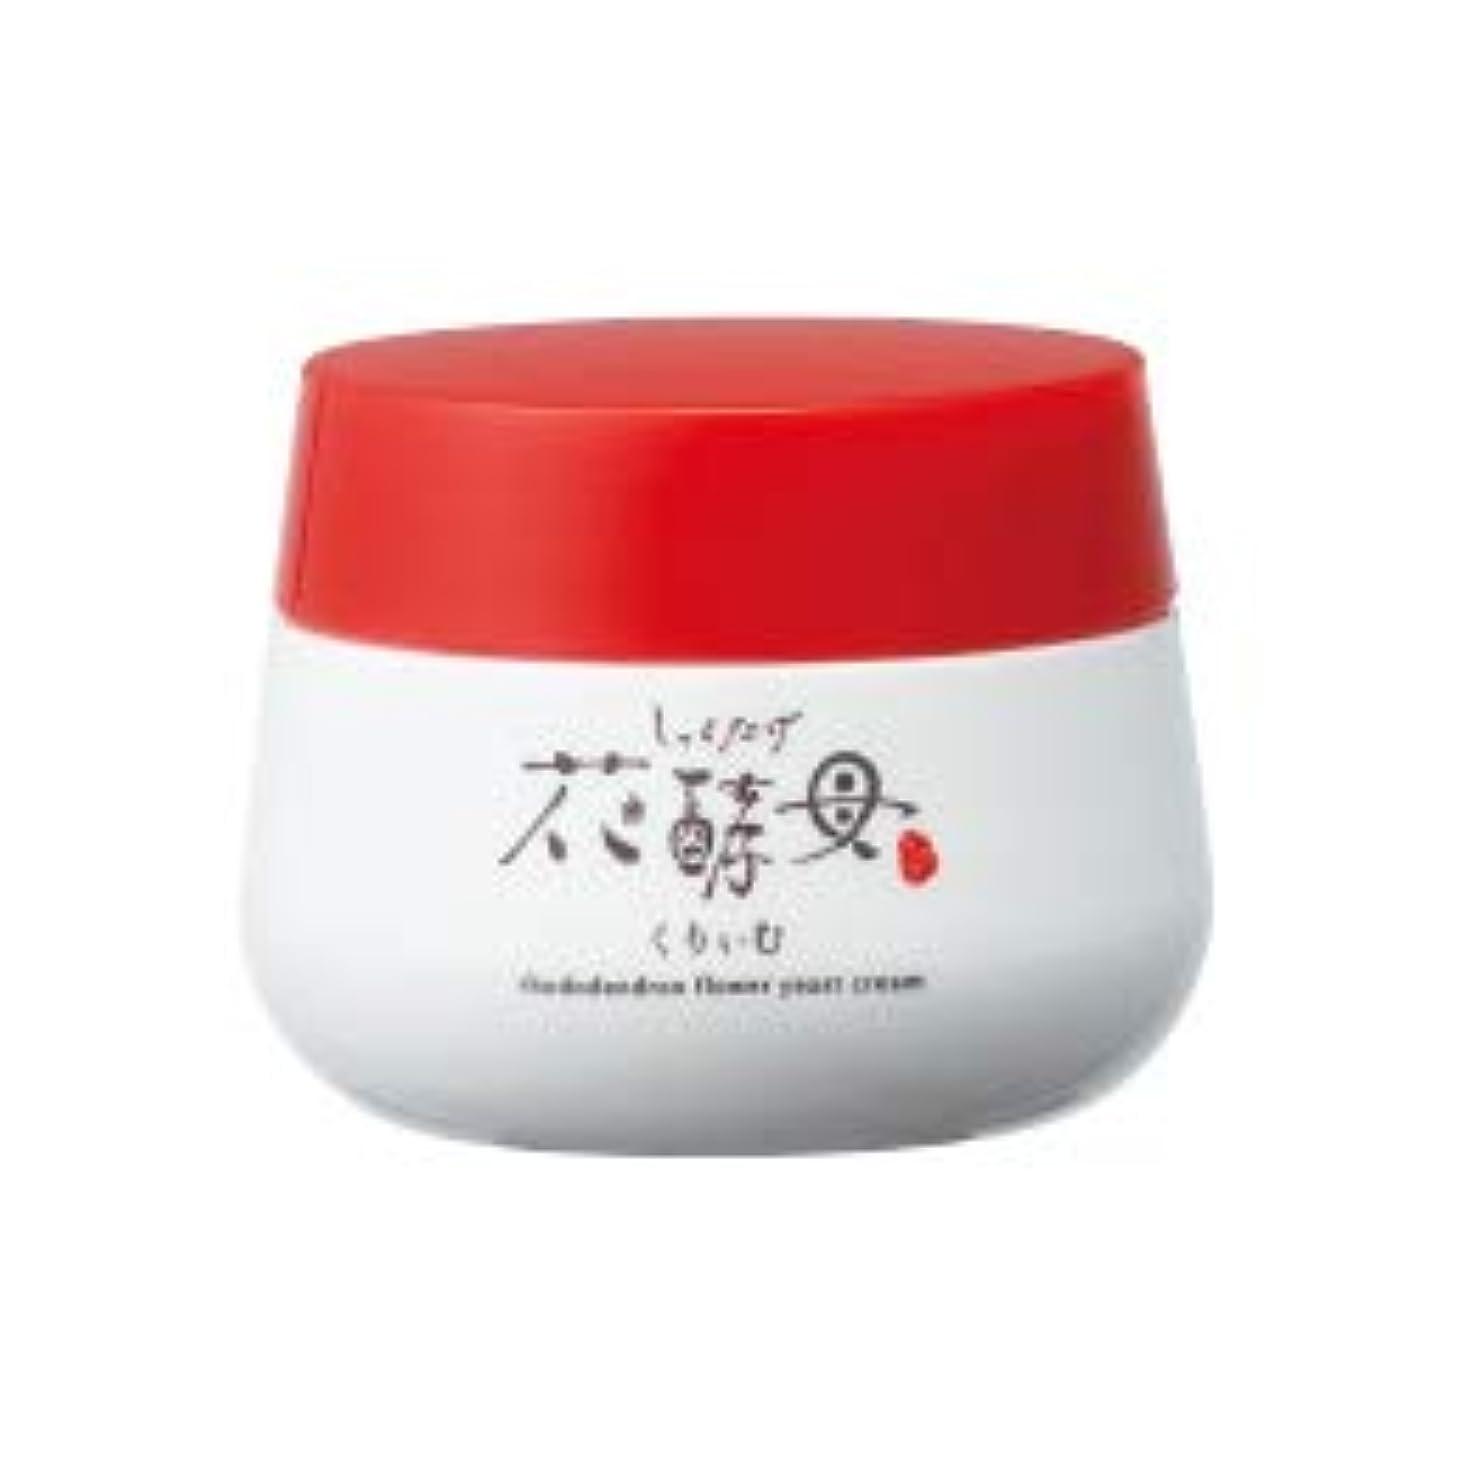 置き場ヒップ夜明けに豆腐の盛田屋 豆花水 しゃくなげ花酵母くりぃむ 30g